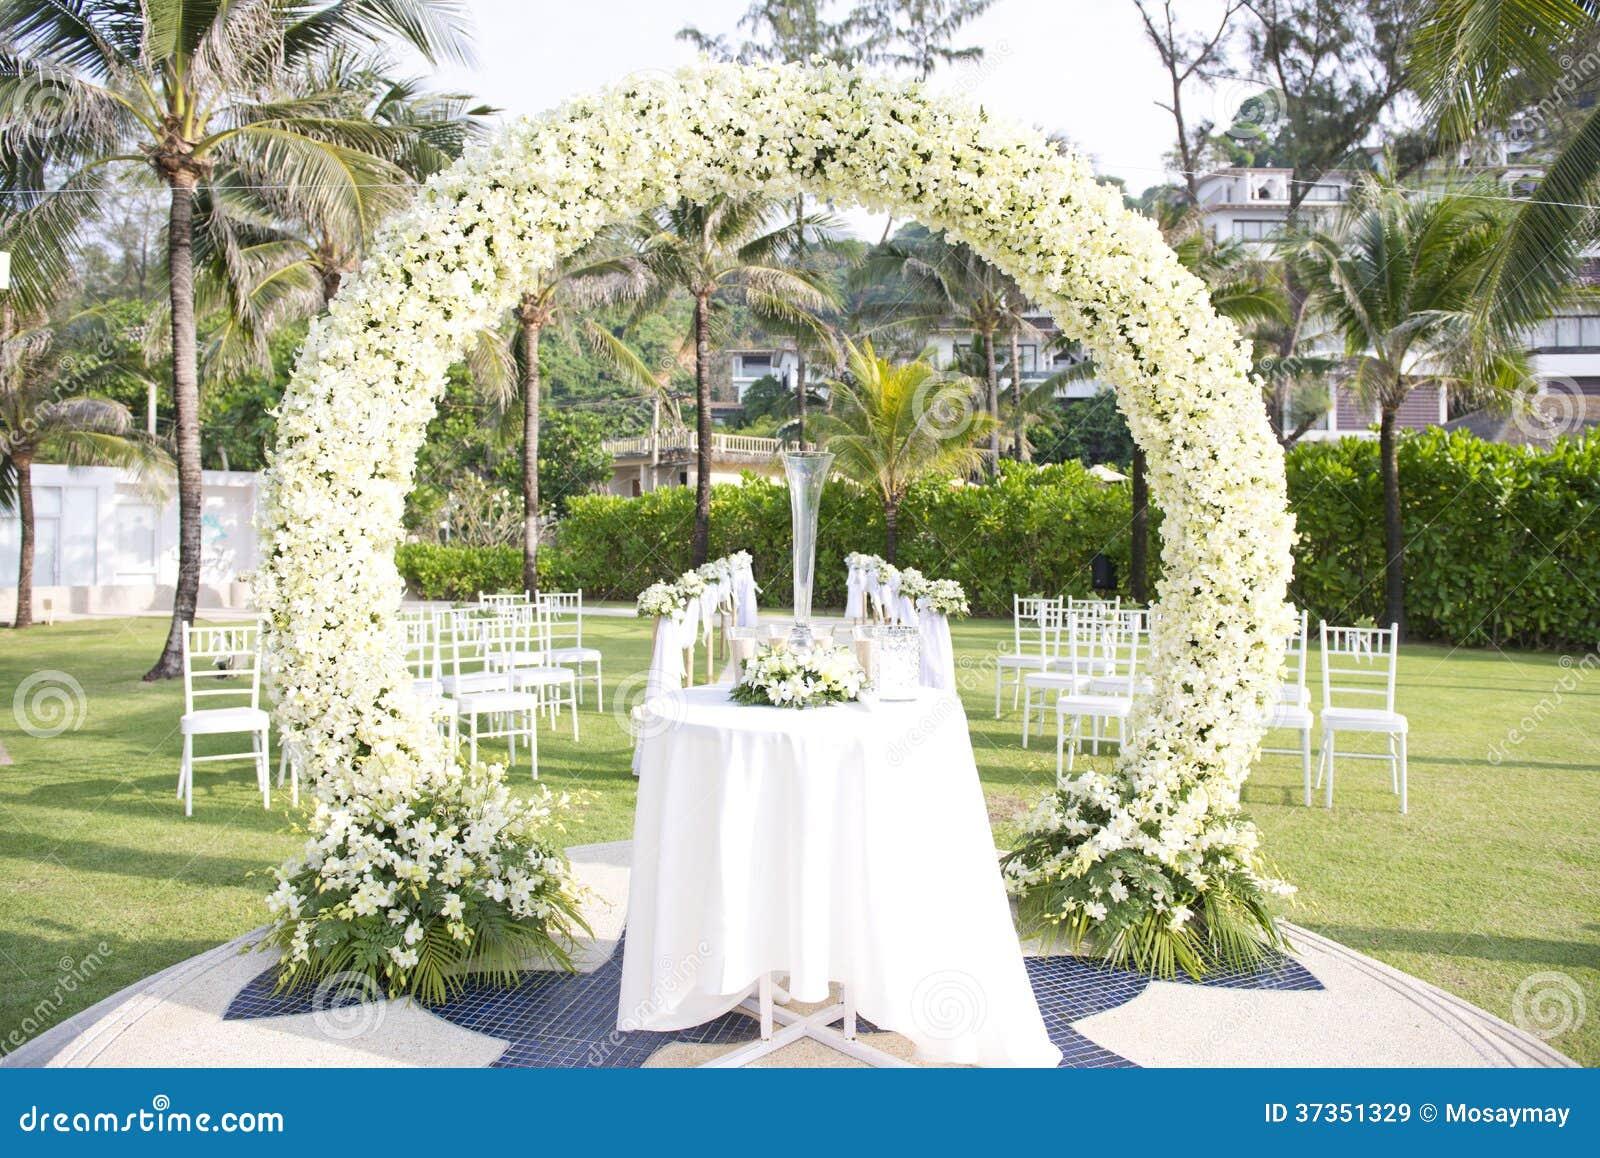 Mariage install dans le jardin l 39 int rieur de la plage for Cendre dans le jardin